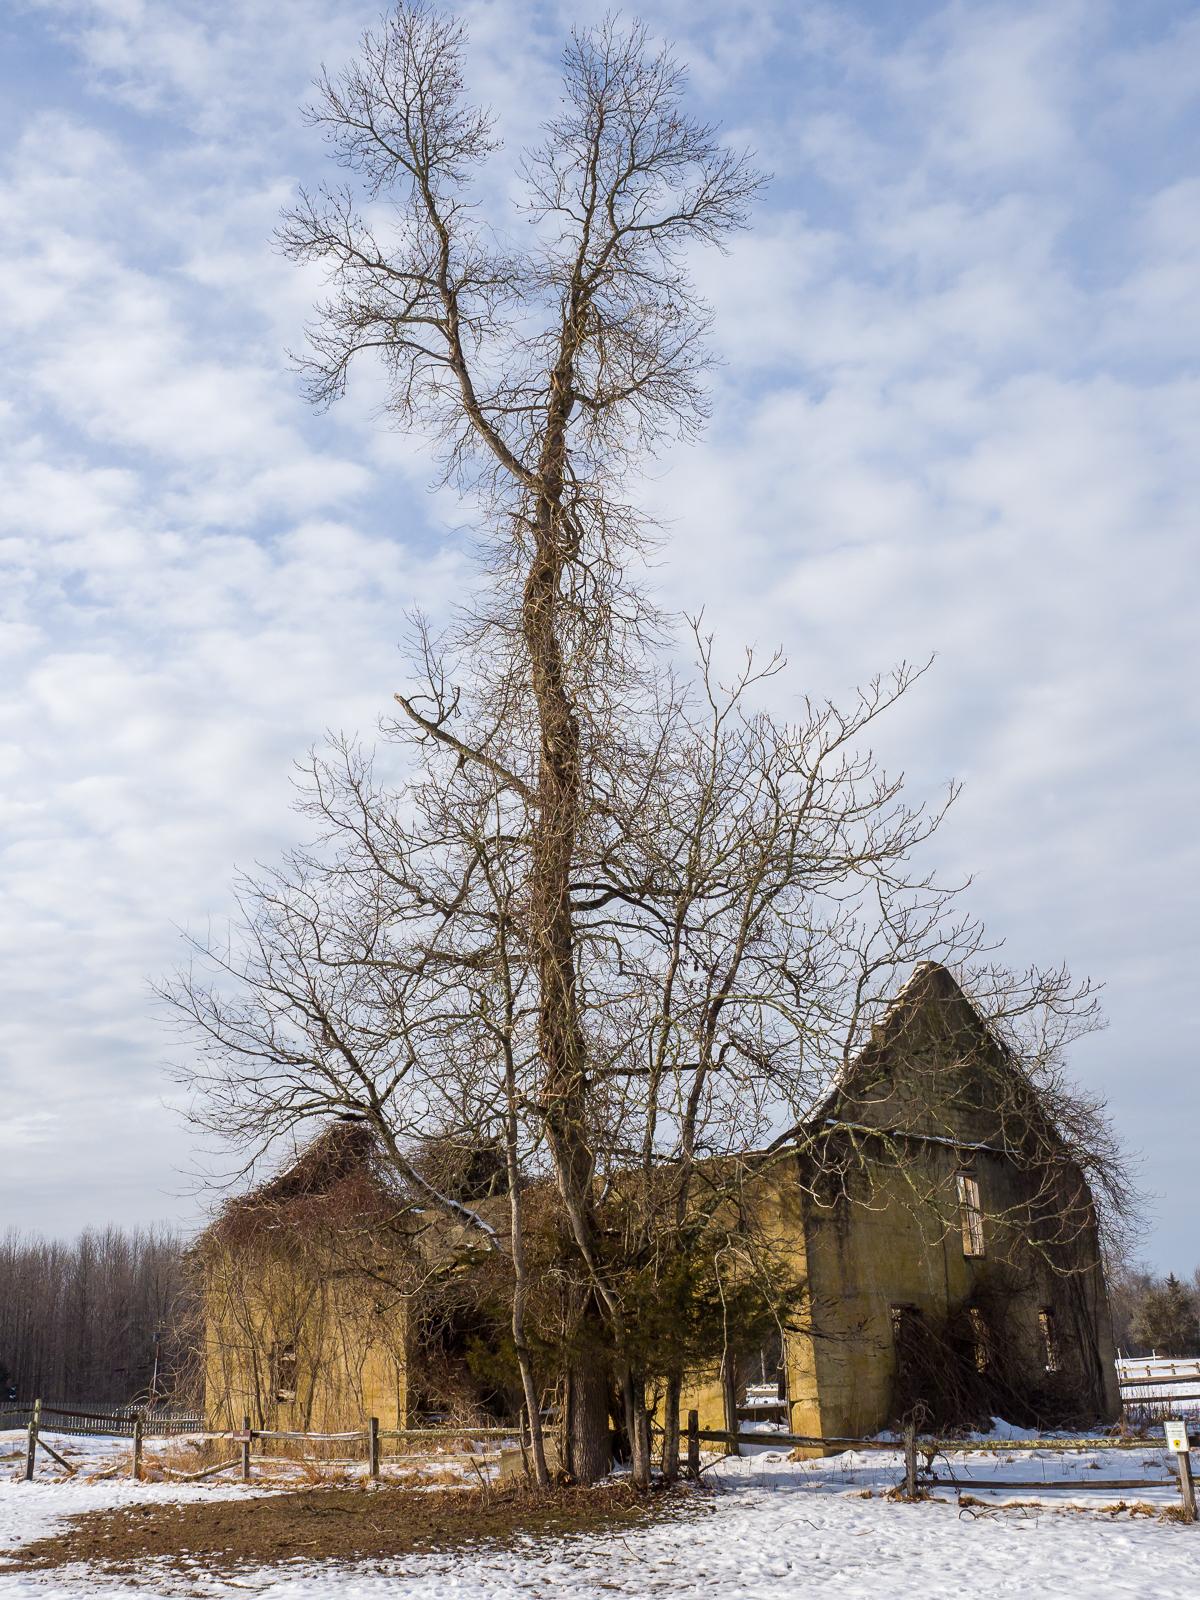 wharton State Forest - Atsion